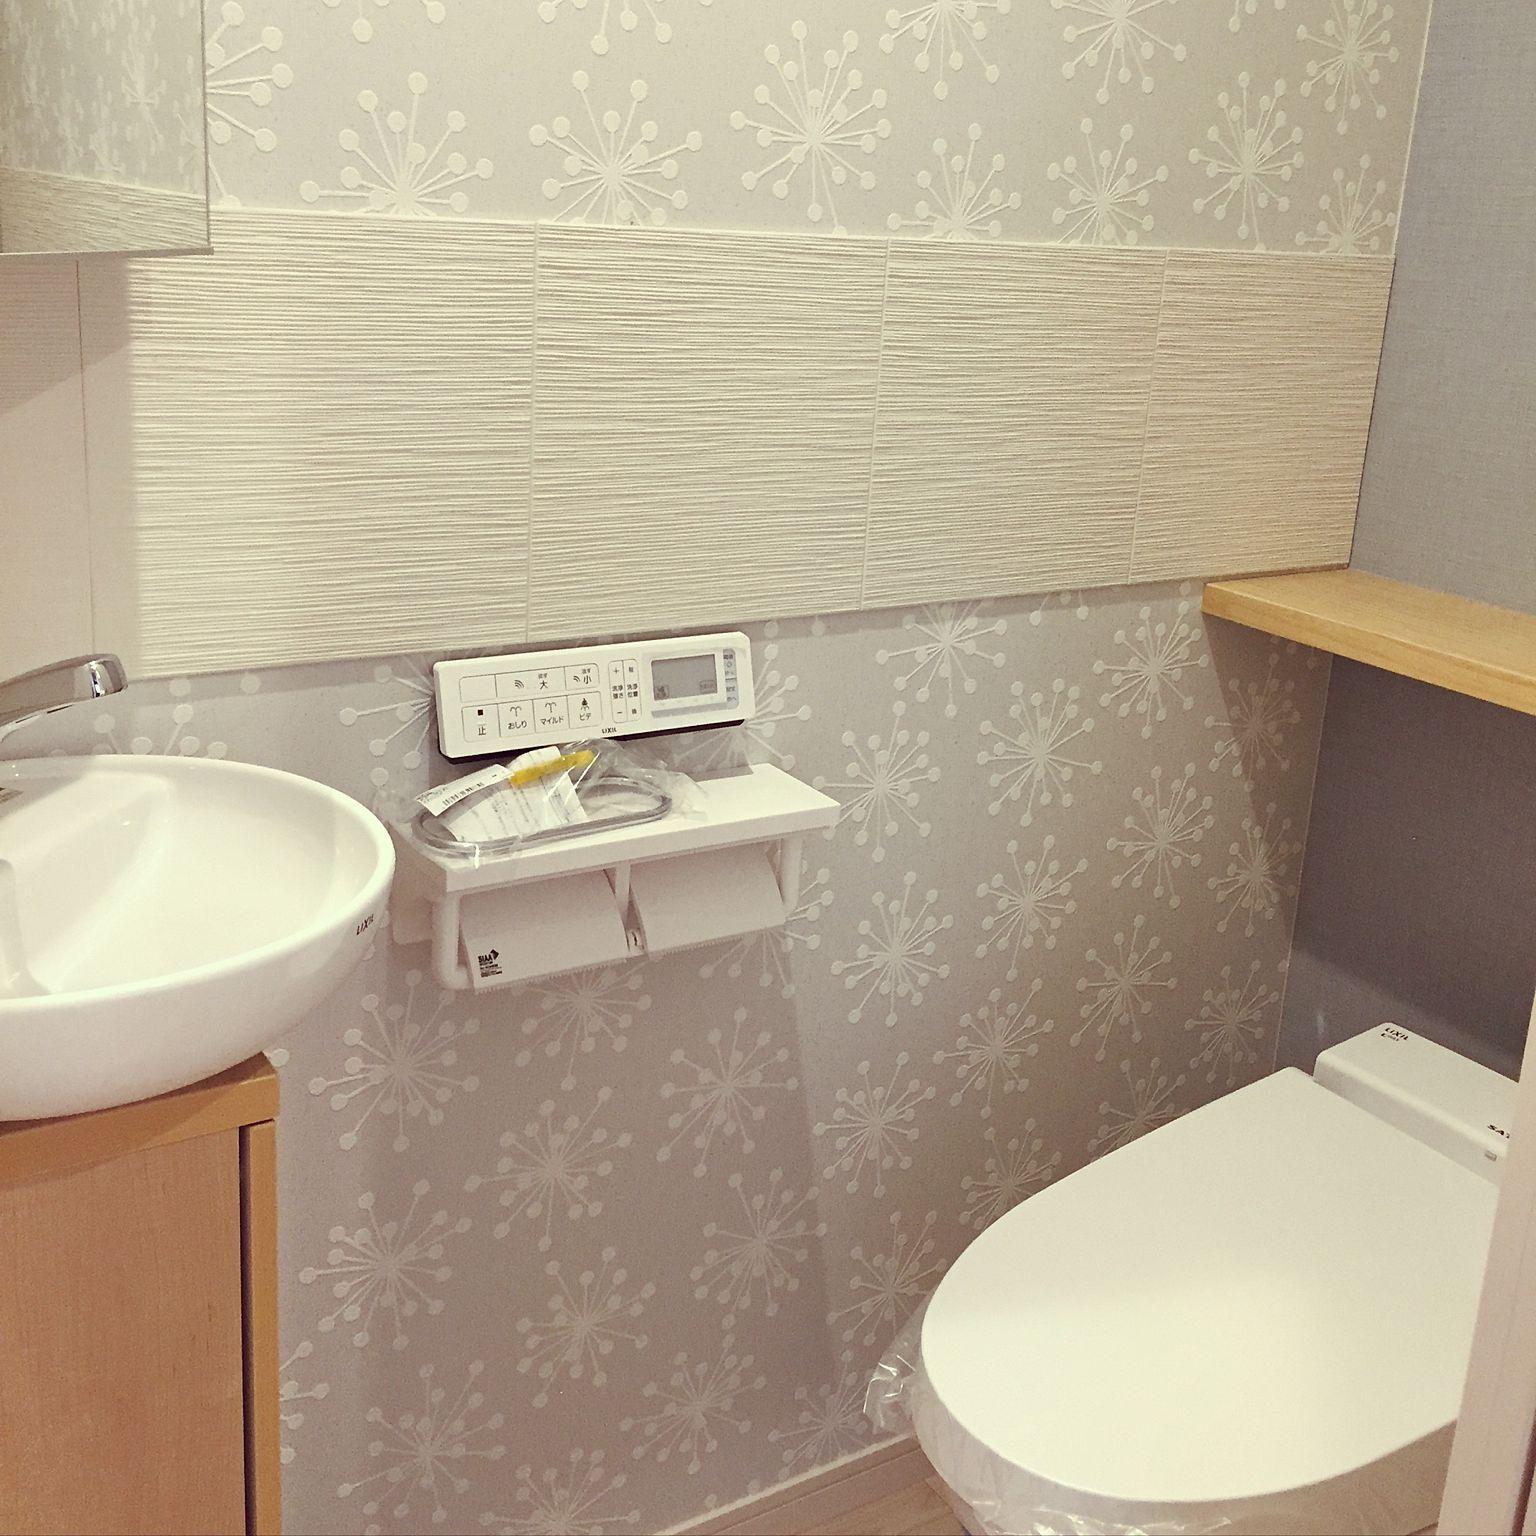 Bathroom 北欧 エコカラット サンゲツ壁紙 リクシルの洗面台 リクシルのトイレのインテリア実例 17 04 24 05 36 04 Roomclip ルームクリップ トイレ 壁紙 トイレ 壁紙 おしゃれ サンゲツ 壁紙